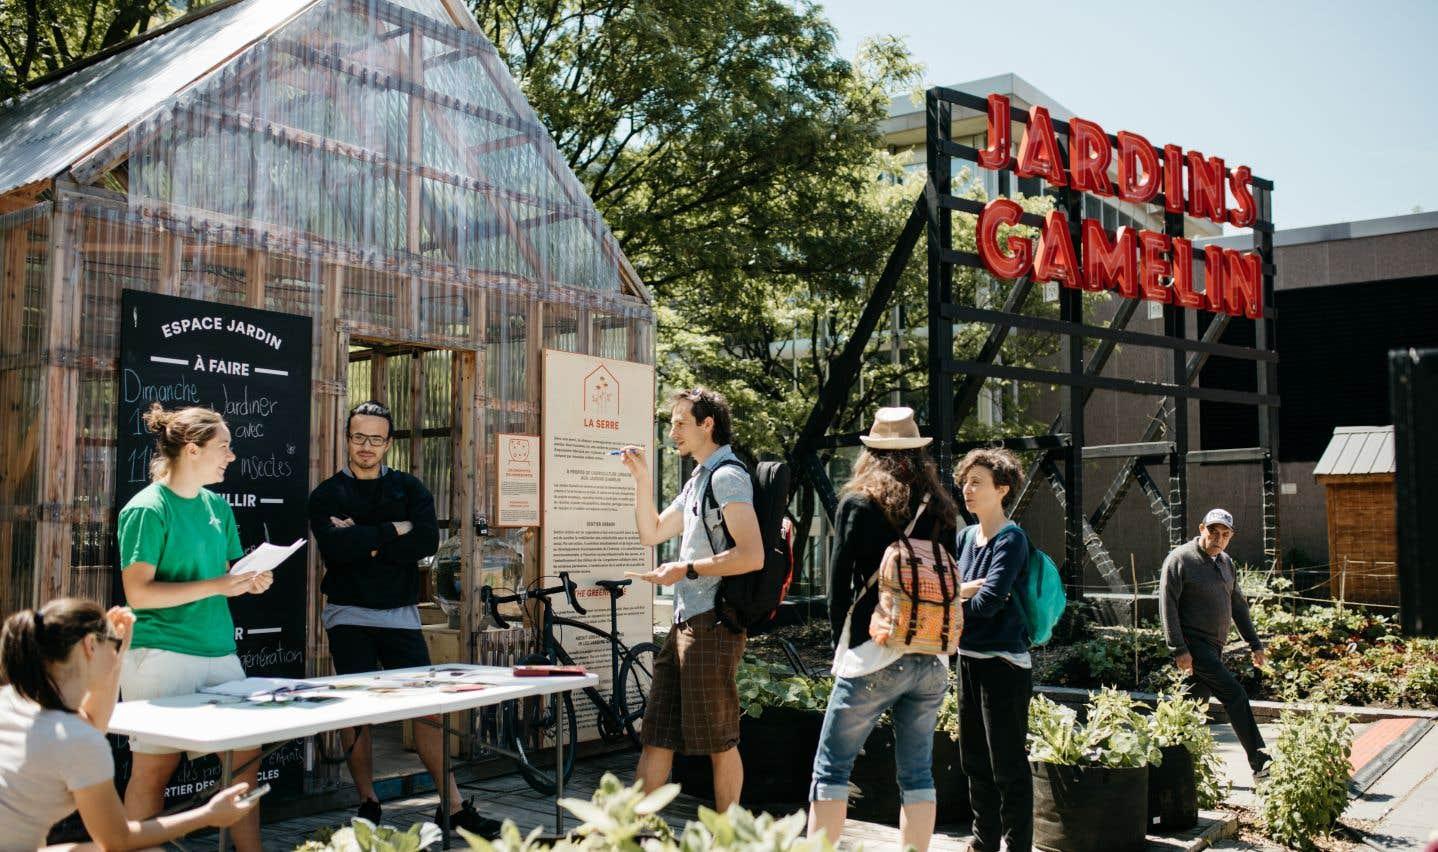 L'organisme Sentier urbain offre des conférences et des ateliers sur l'agriculture urbaine.